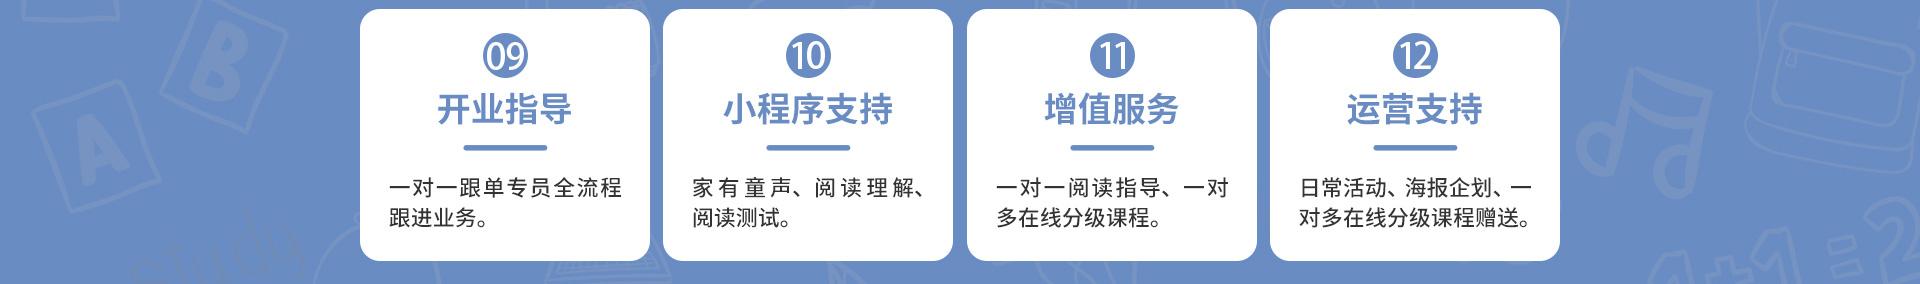 快乐书童阅读馆PC-快乐书童-许小琥_23